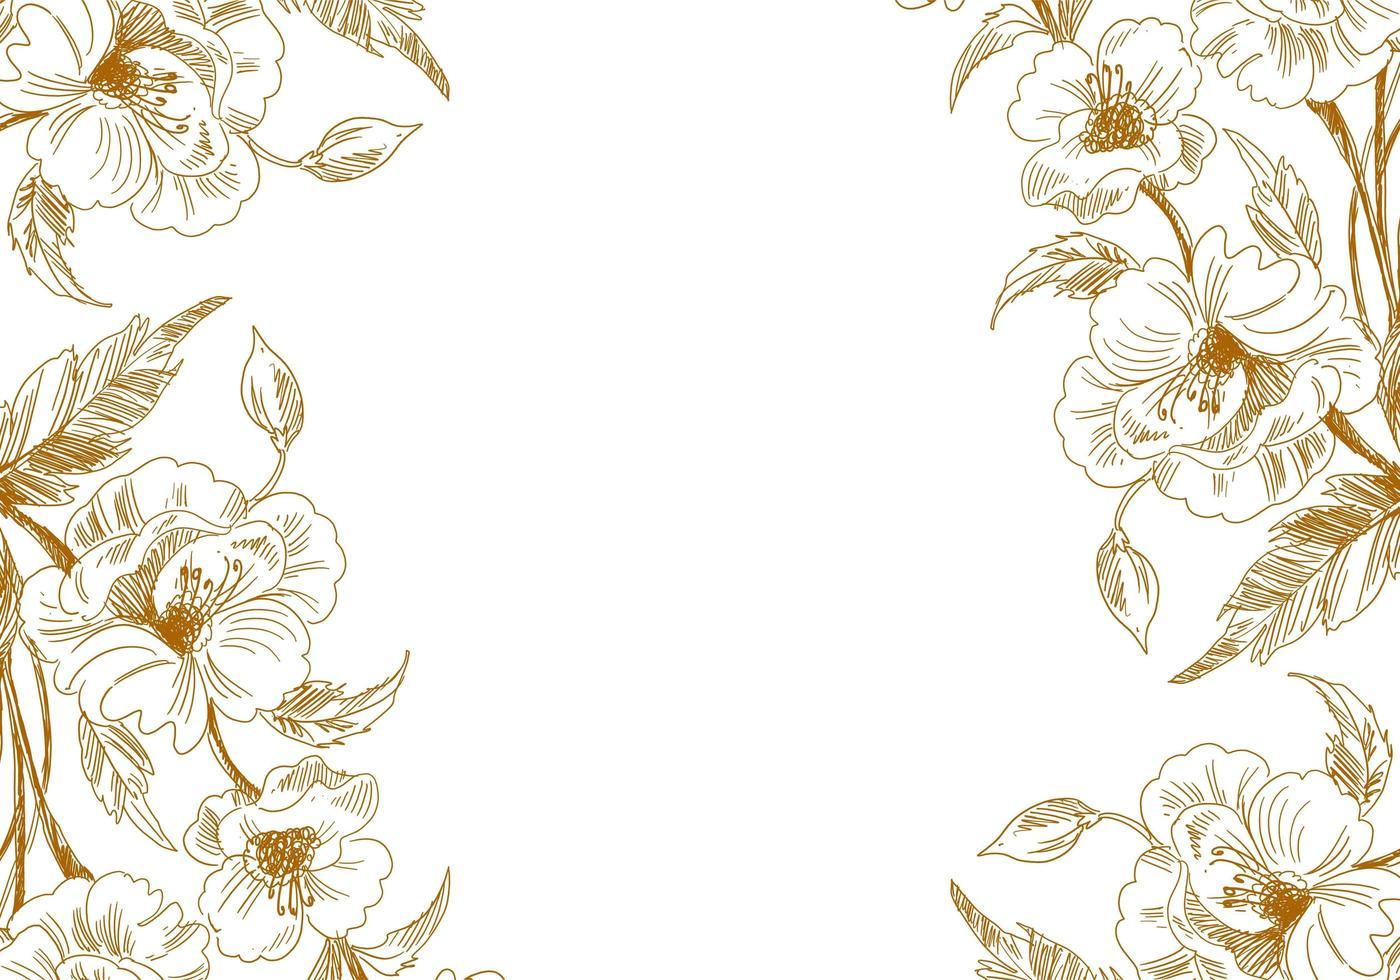 bordures florales de croquis vintage artistique vecteur